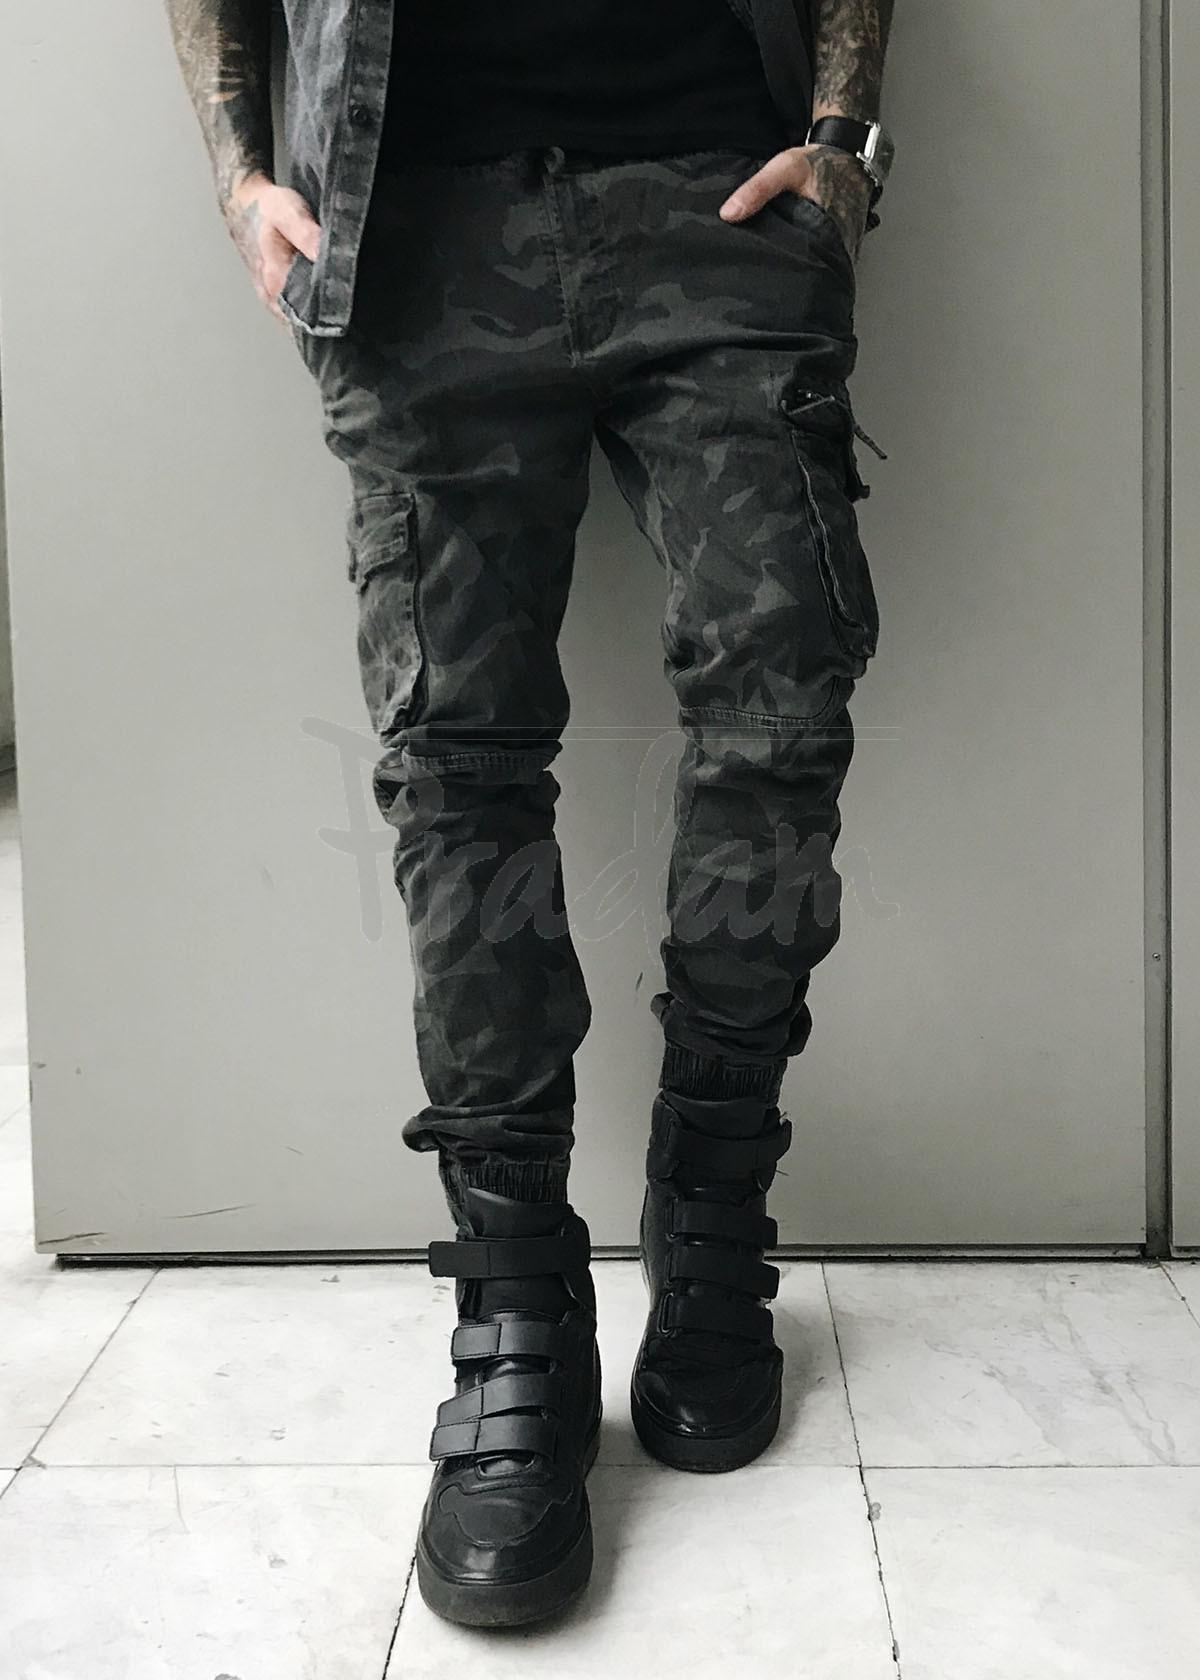 8919-5 серые Iteno джоггеры мужские с боковыми карманами серый камуфляж весенние стрейч-котон (29-38, 10 ед.)